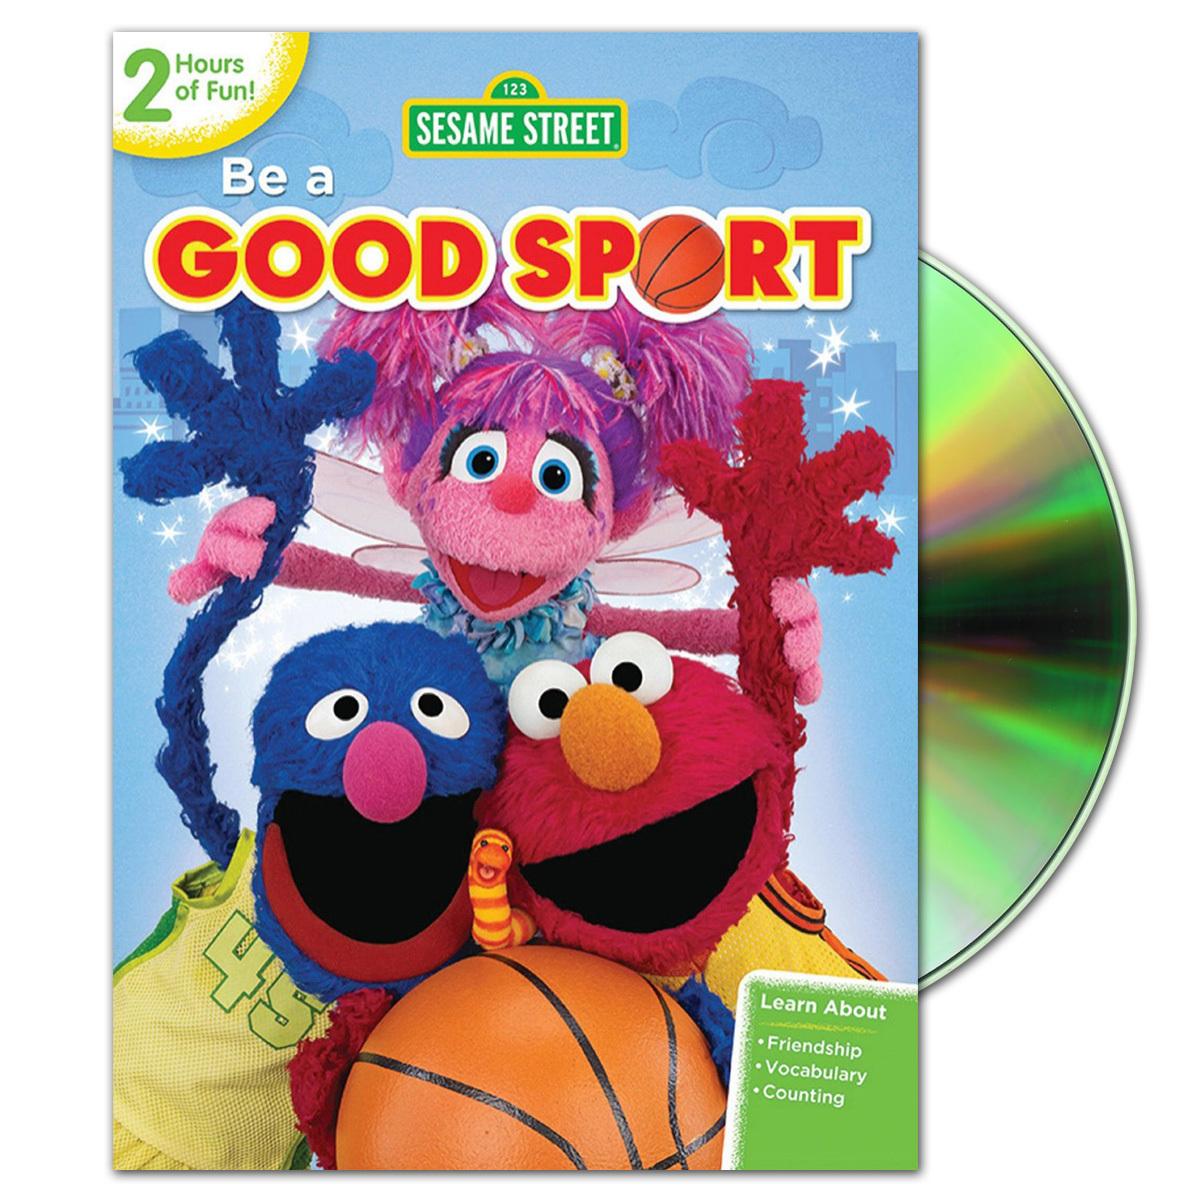 Sesame Street: Be a Good Sport DVD